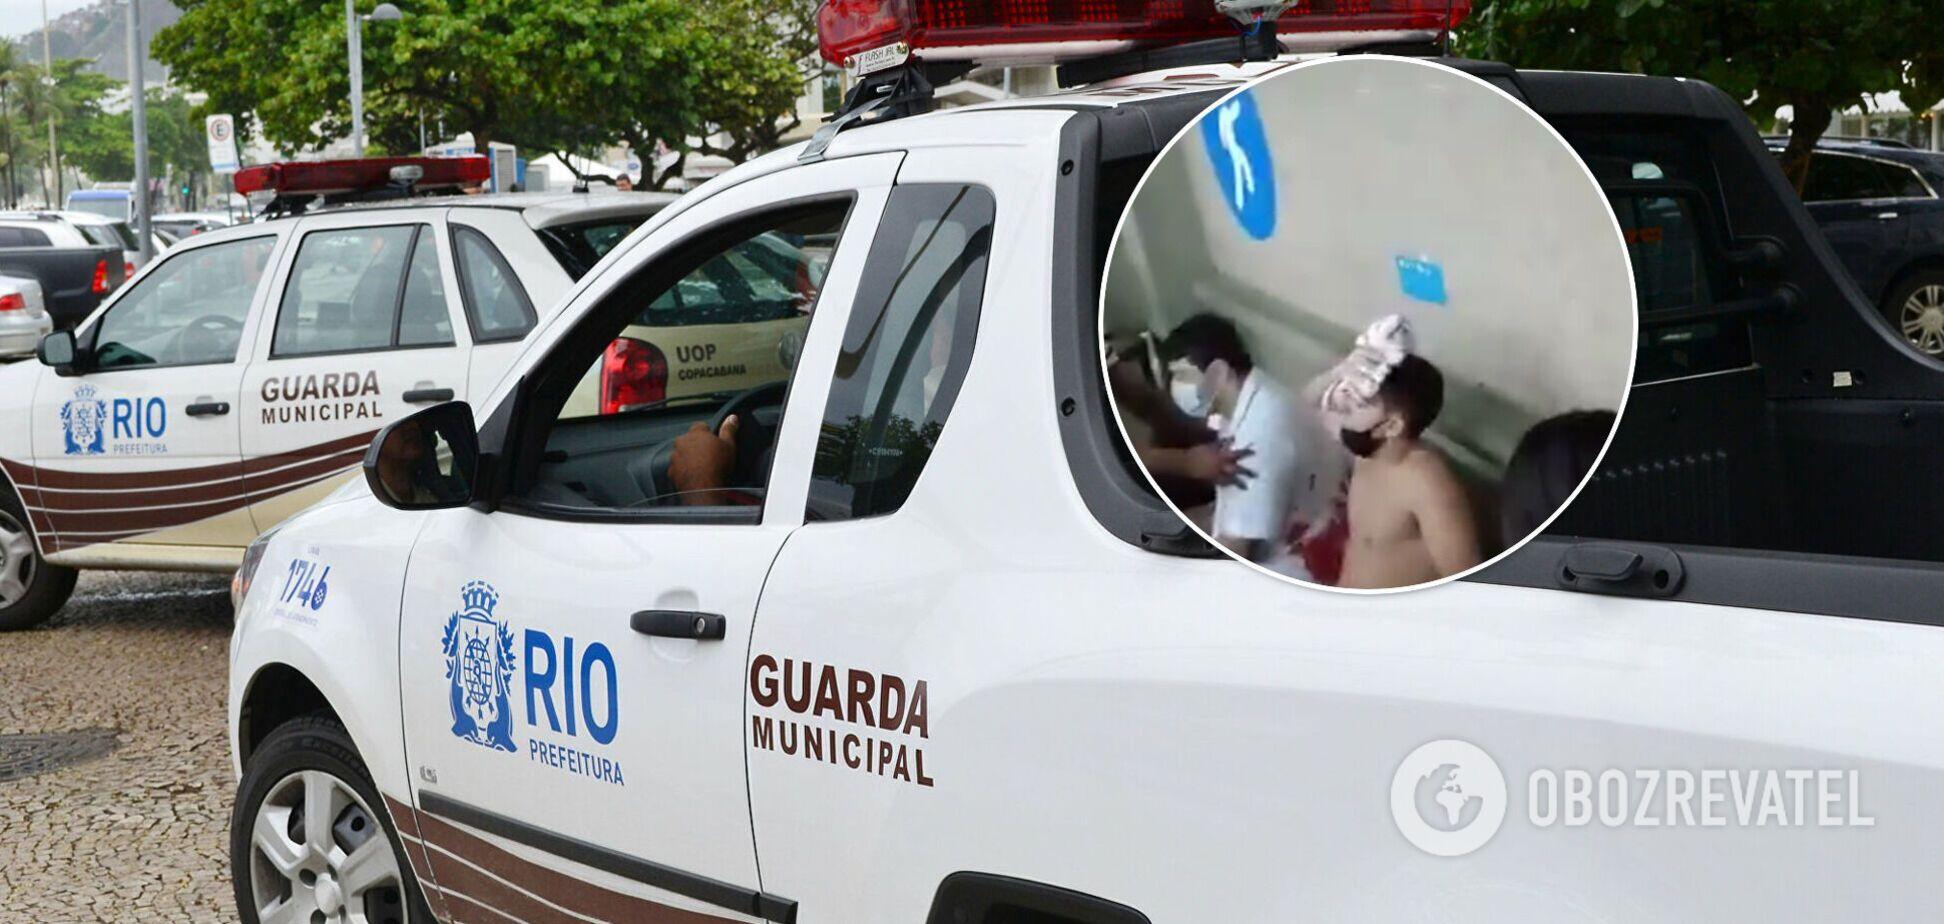 В метро Рио-де-Жанейро в перестрелке погибли 25 человек. Фото и видео 18+